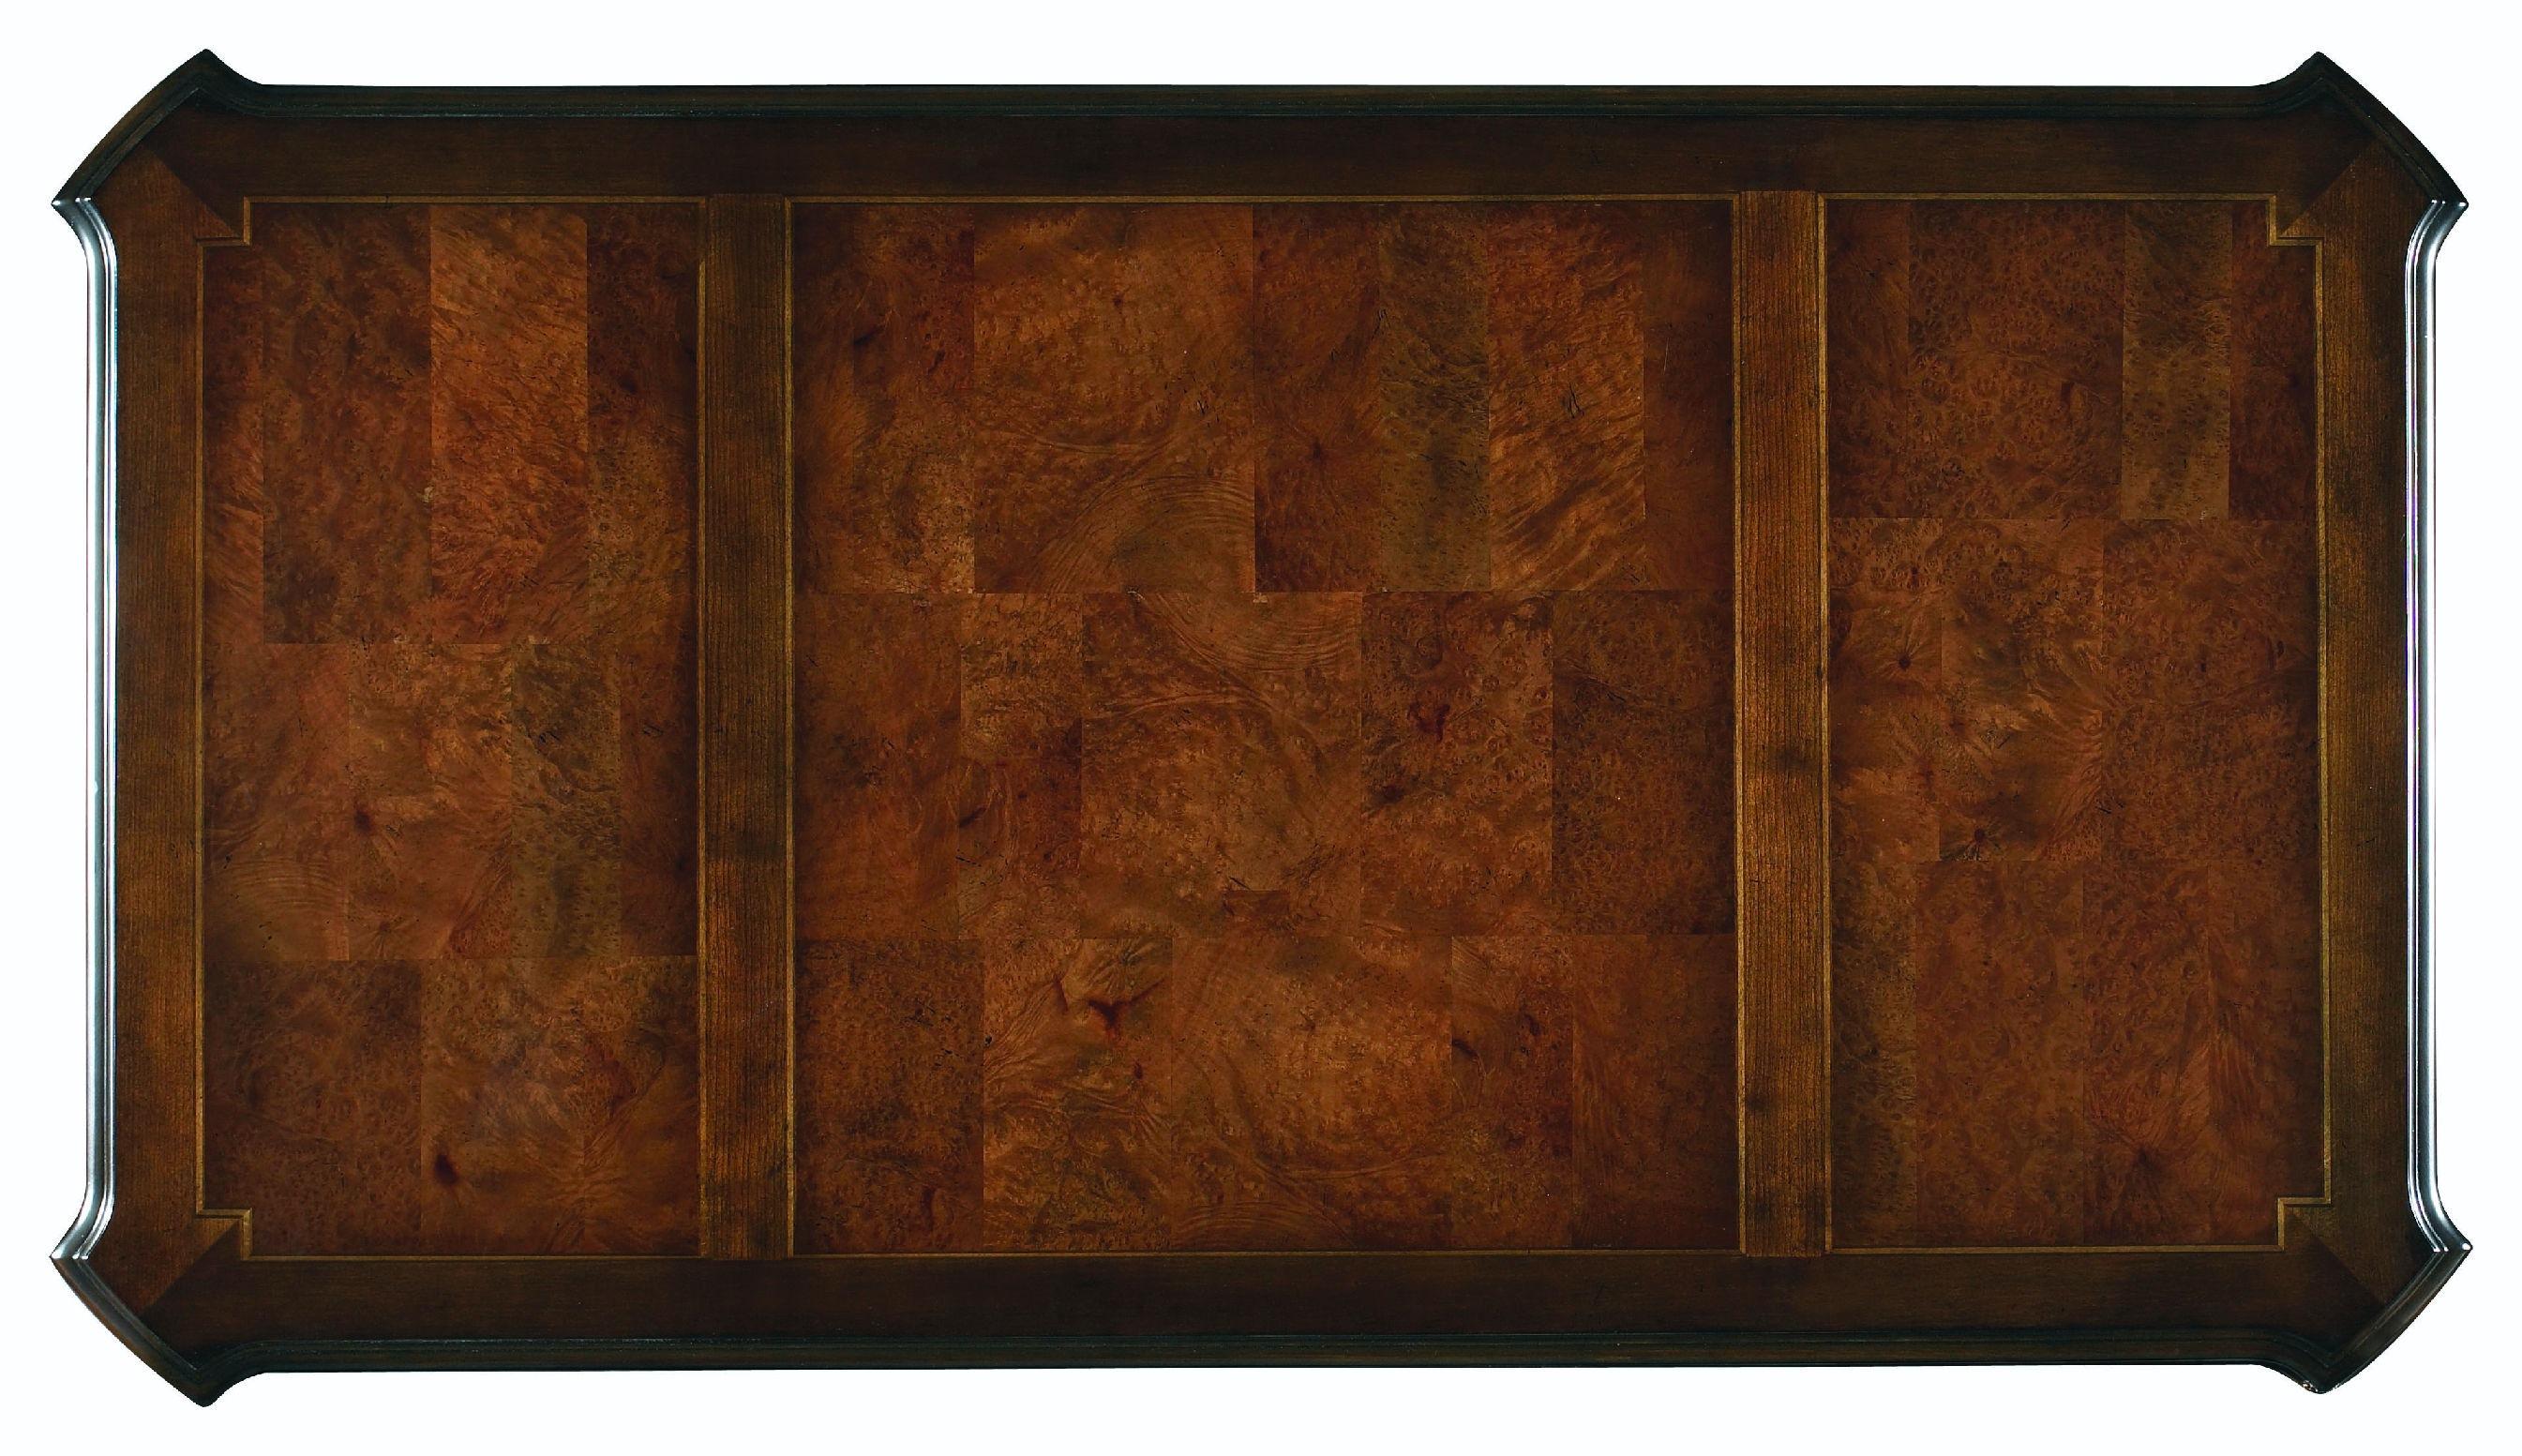 Hooker Furniture Home Office European Renaissance Ii  Writing Desk